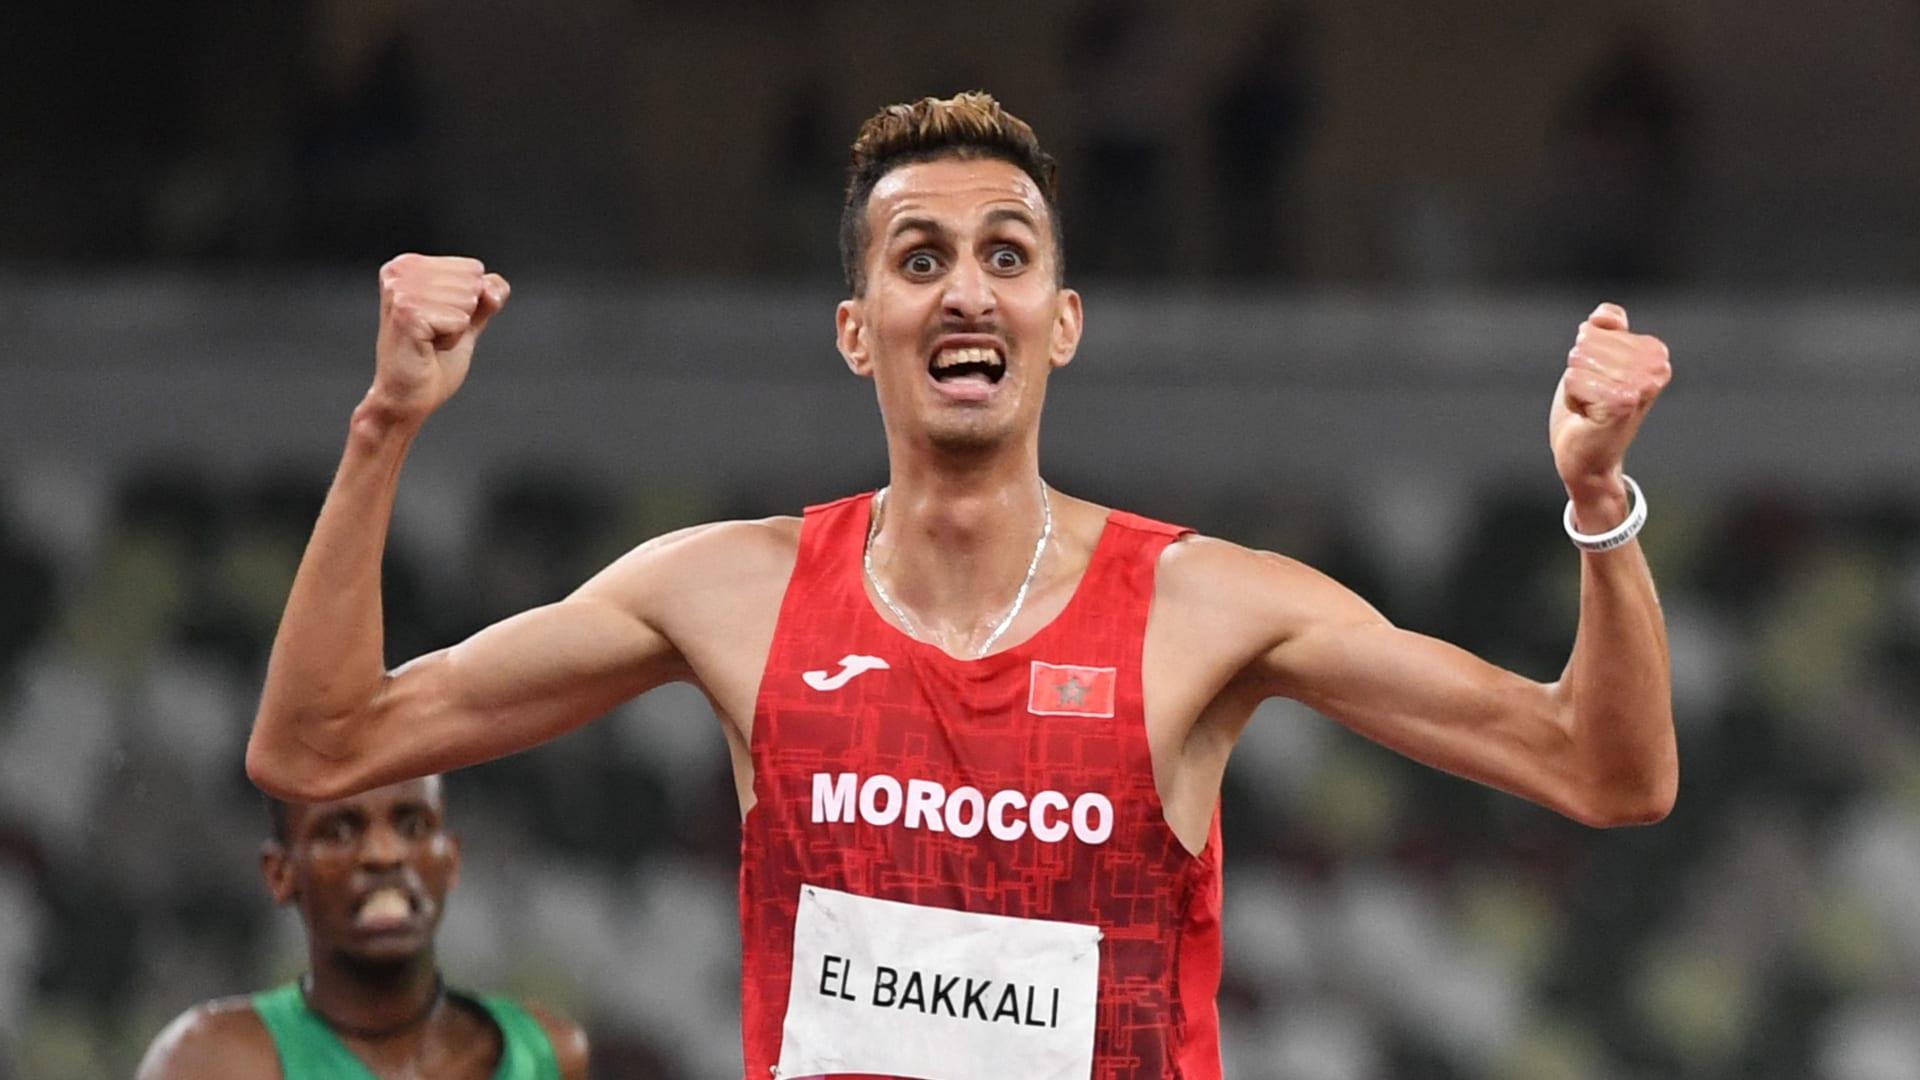 المغرب يحصد الذهبية الرابعة للعرب في أولمبياد طوكيو